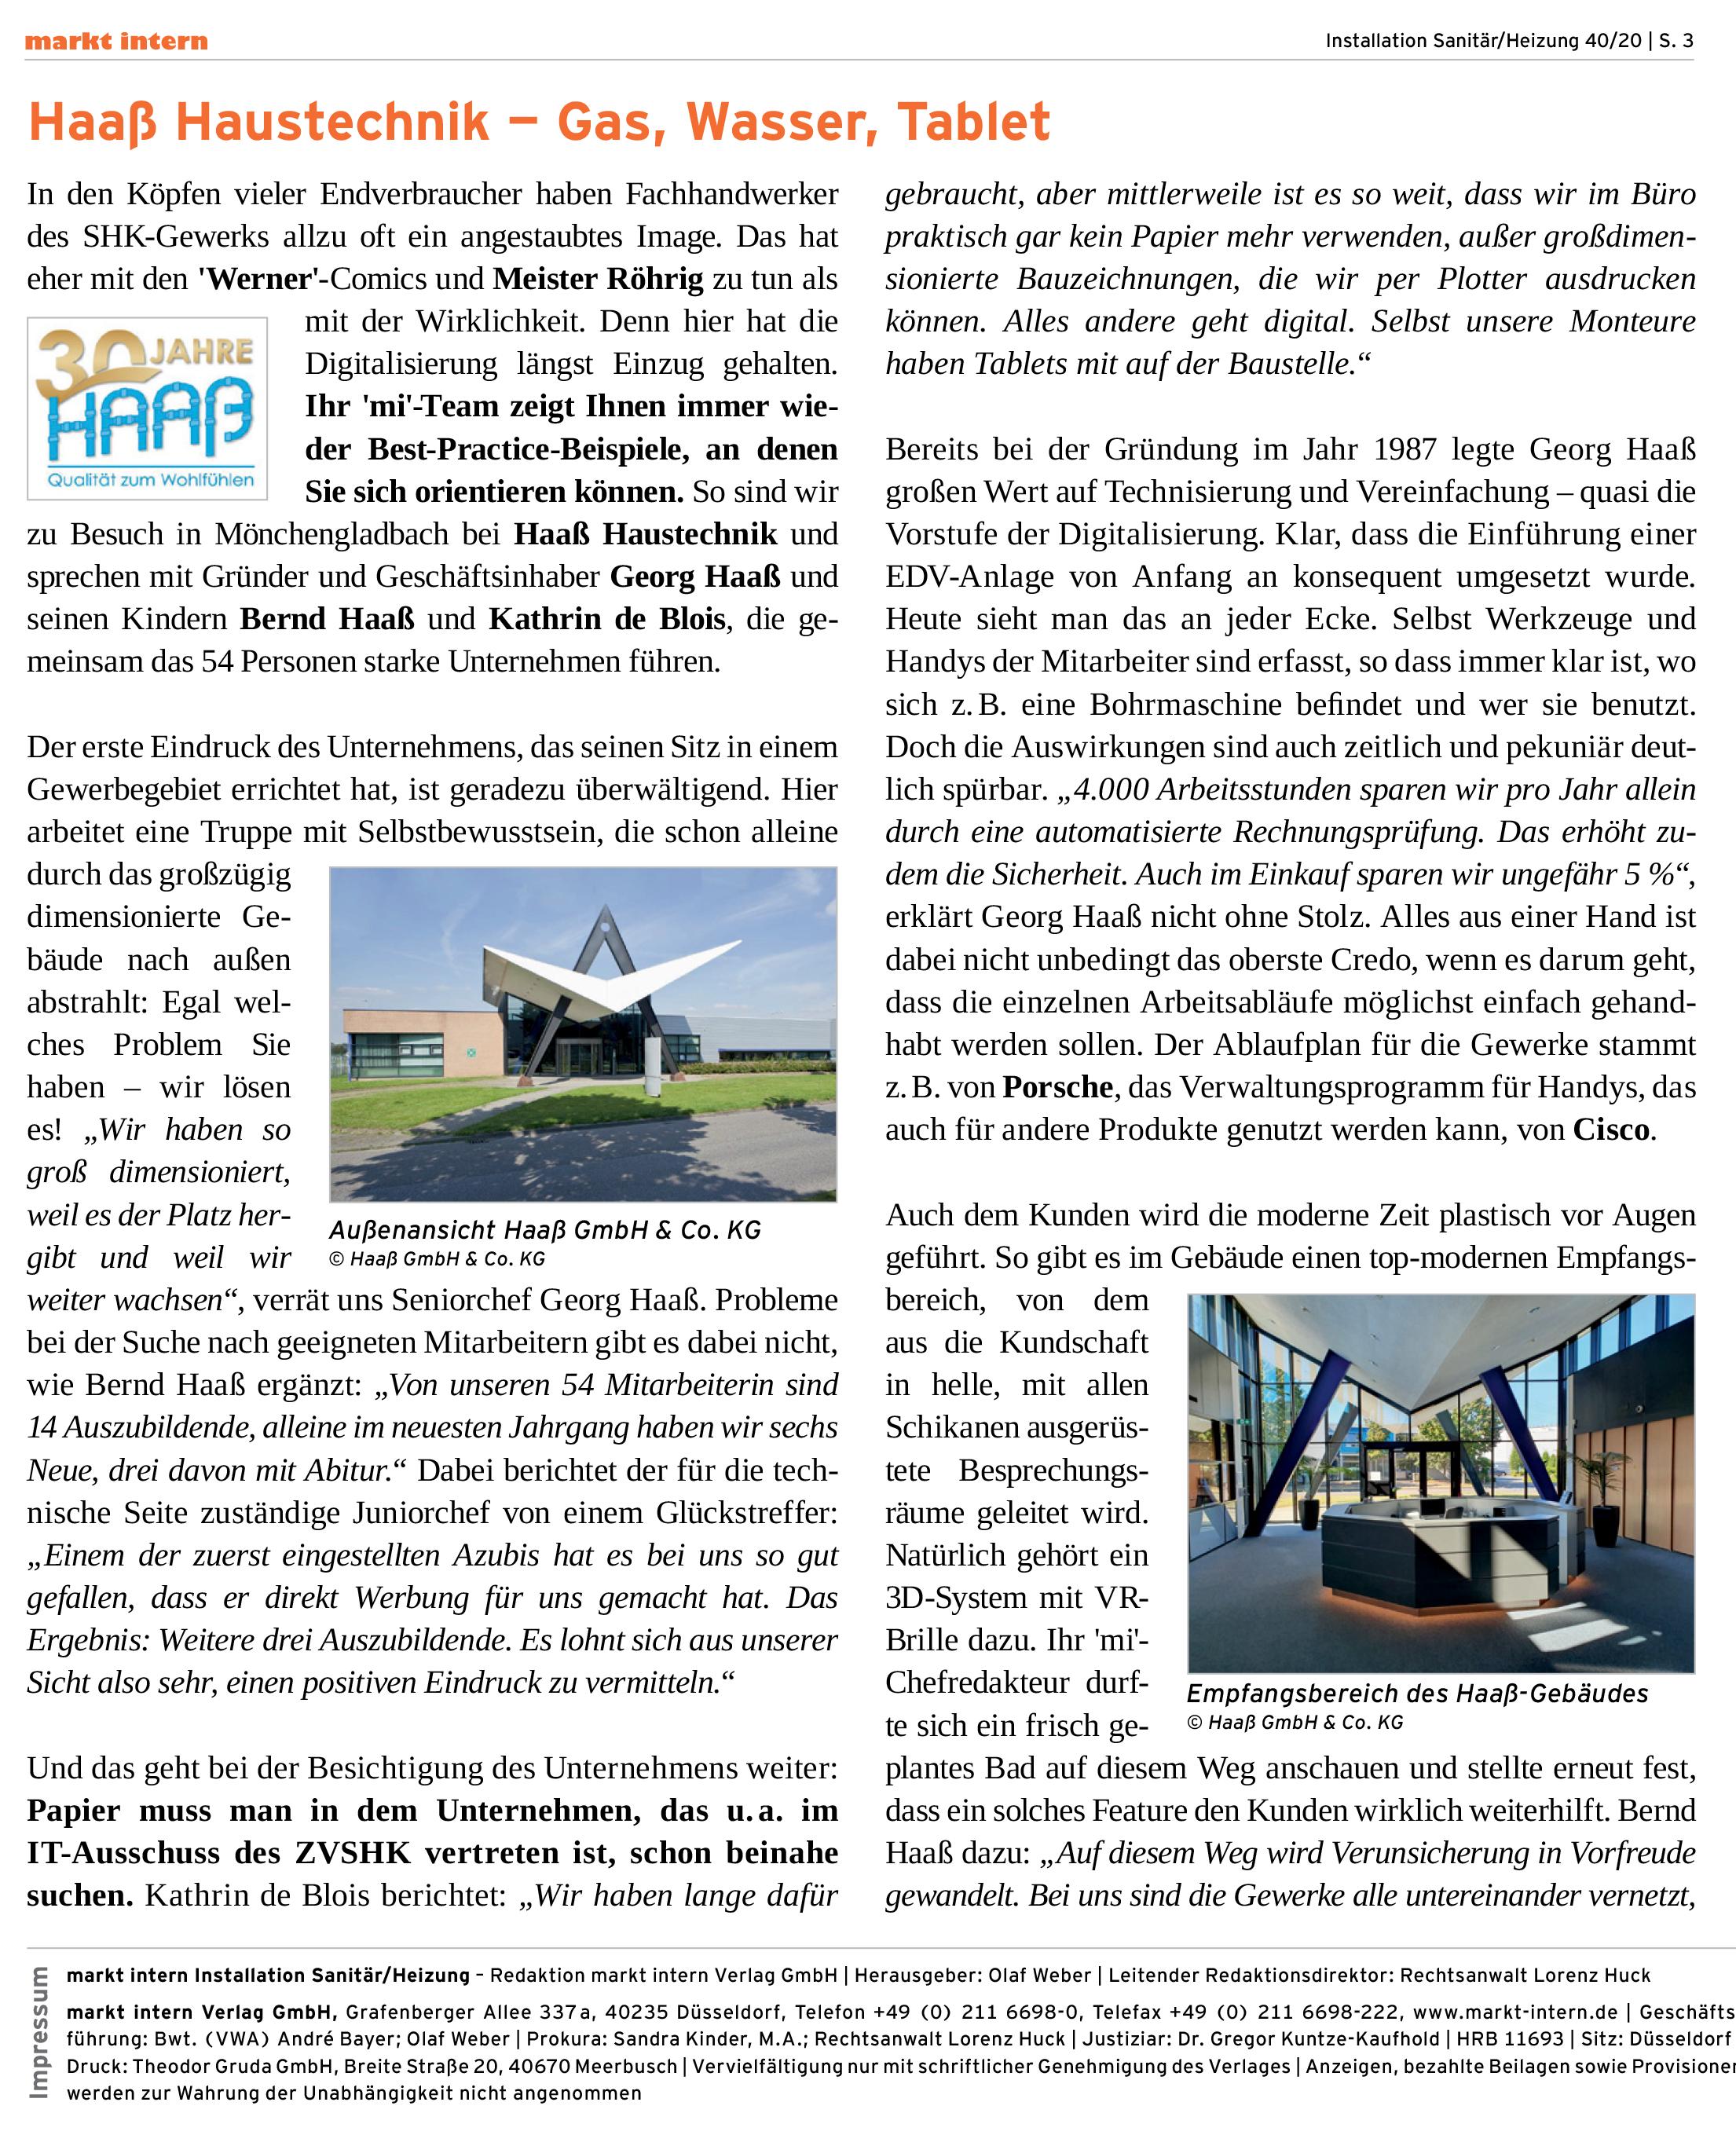 Teil 1: Artikel in markt.intern über den Label-Software-Kunden Haaß Haustechnik